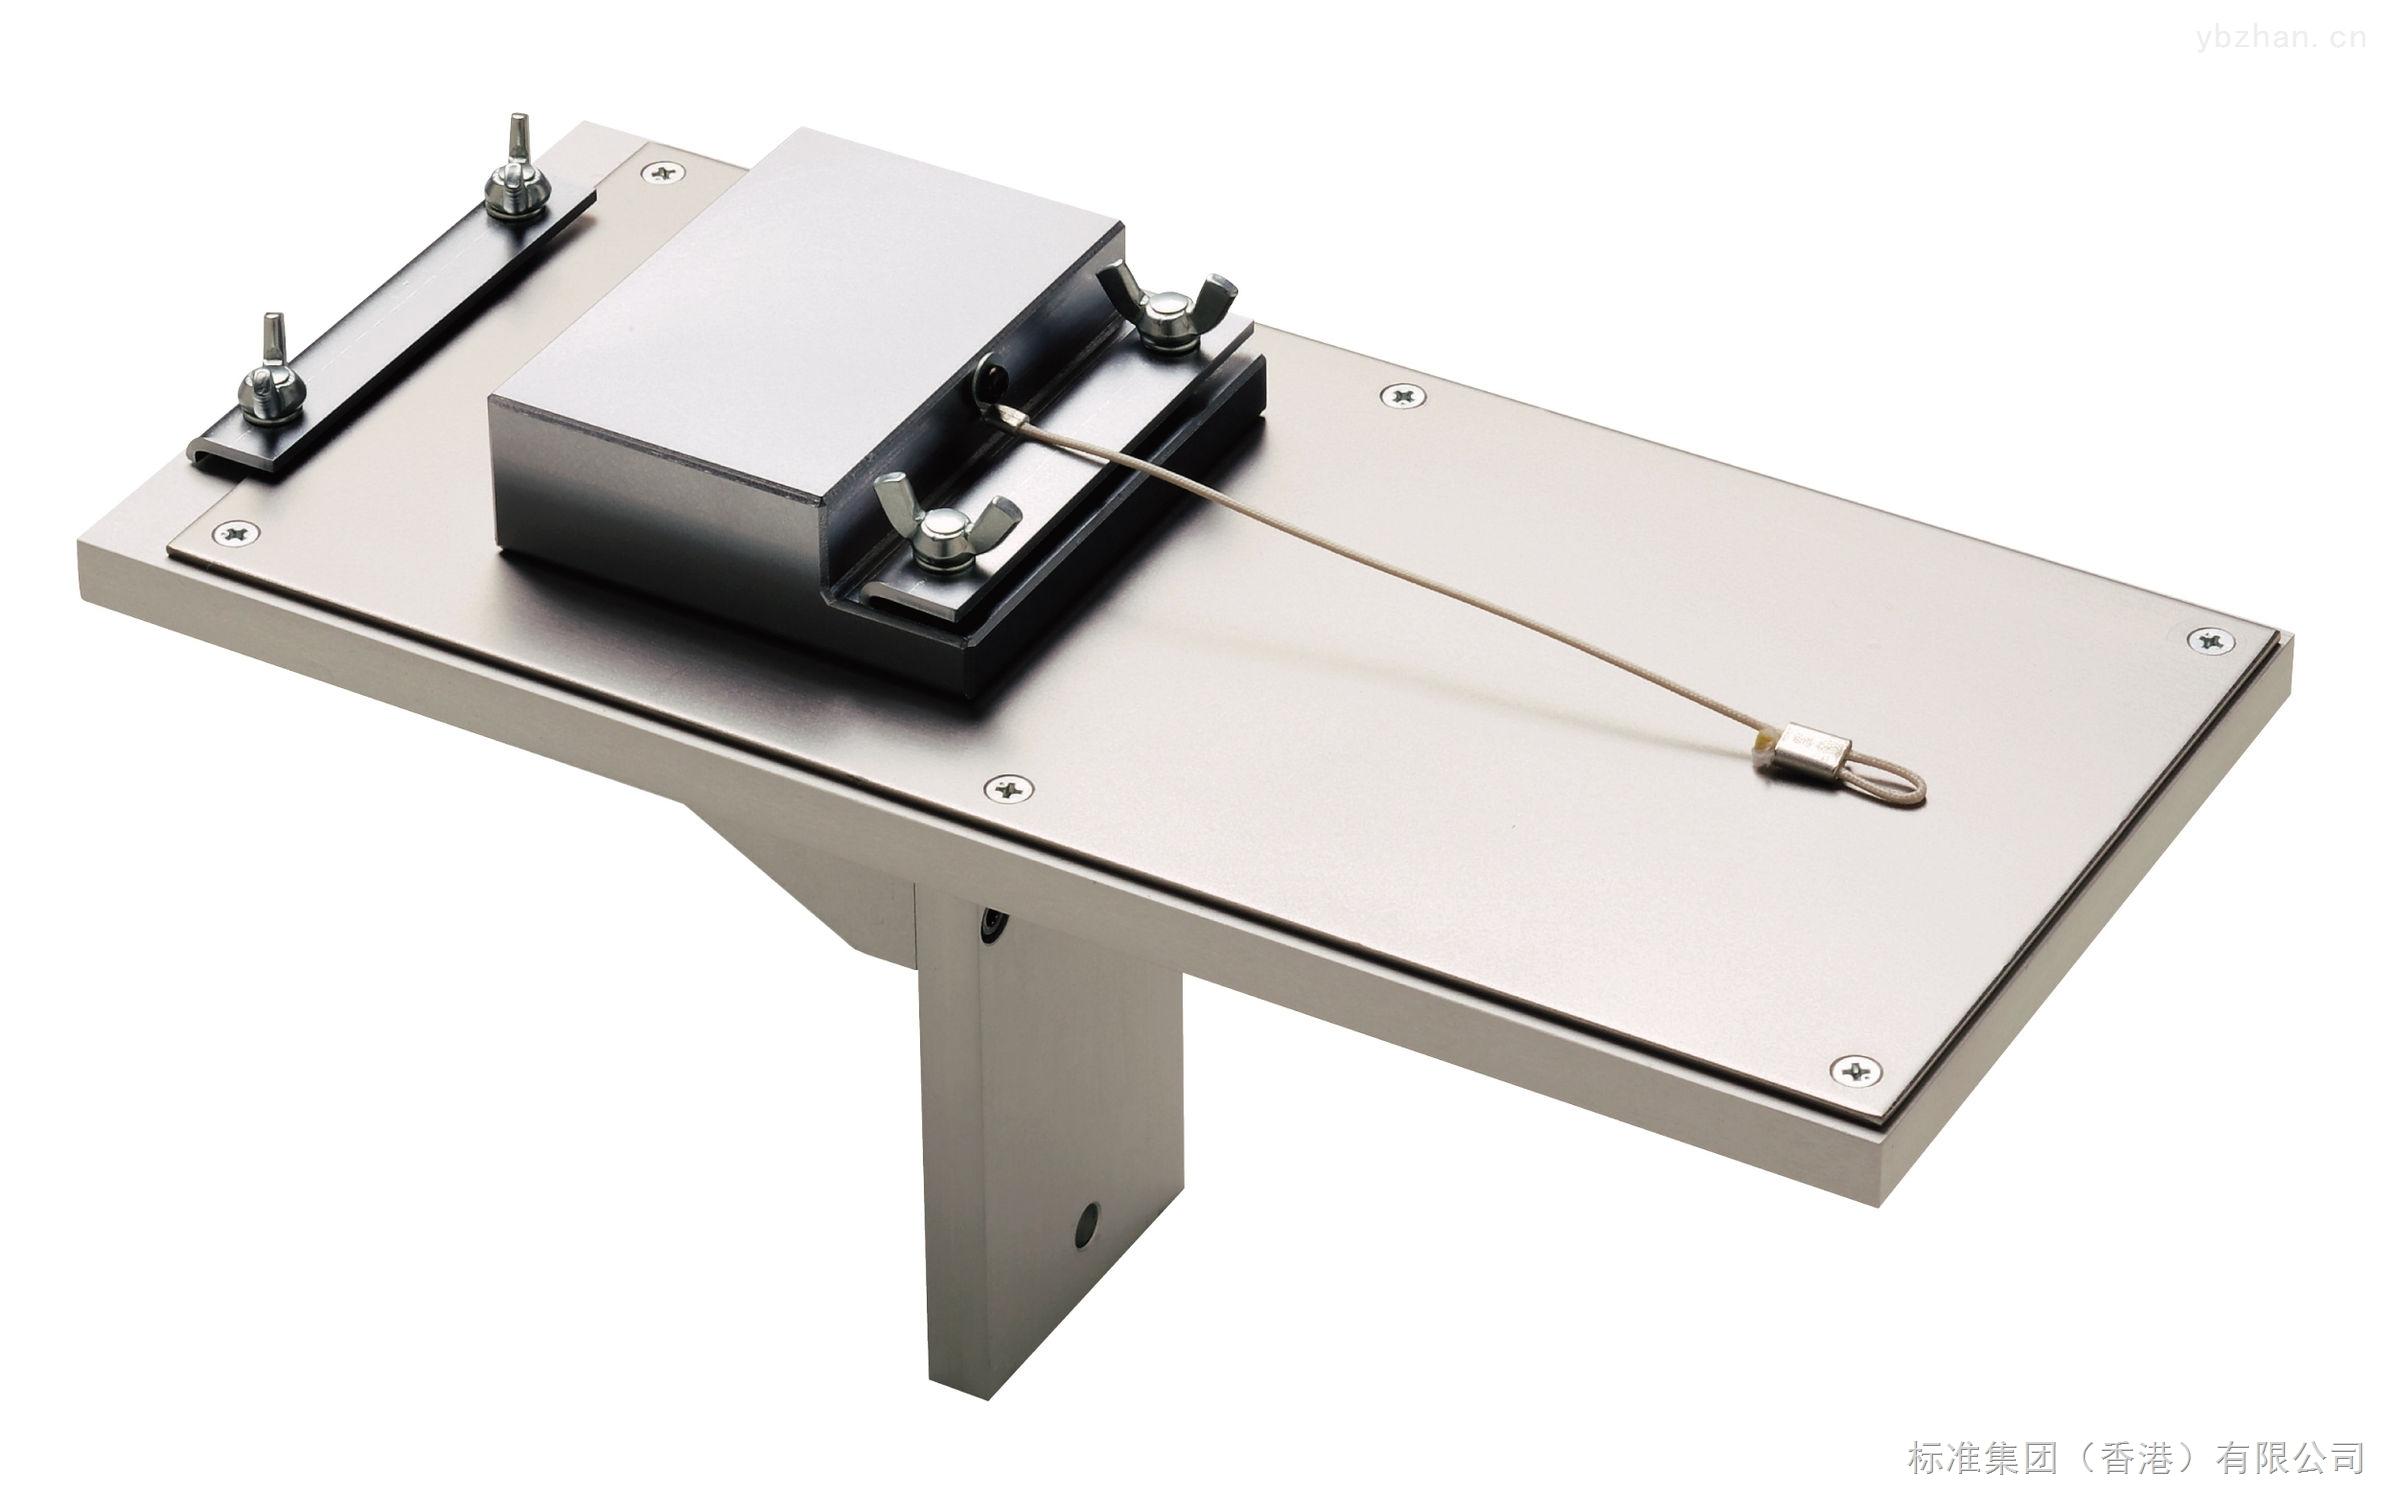 摩擦系数测试仪/塑料摩擦系数测试仪